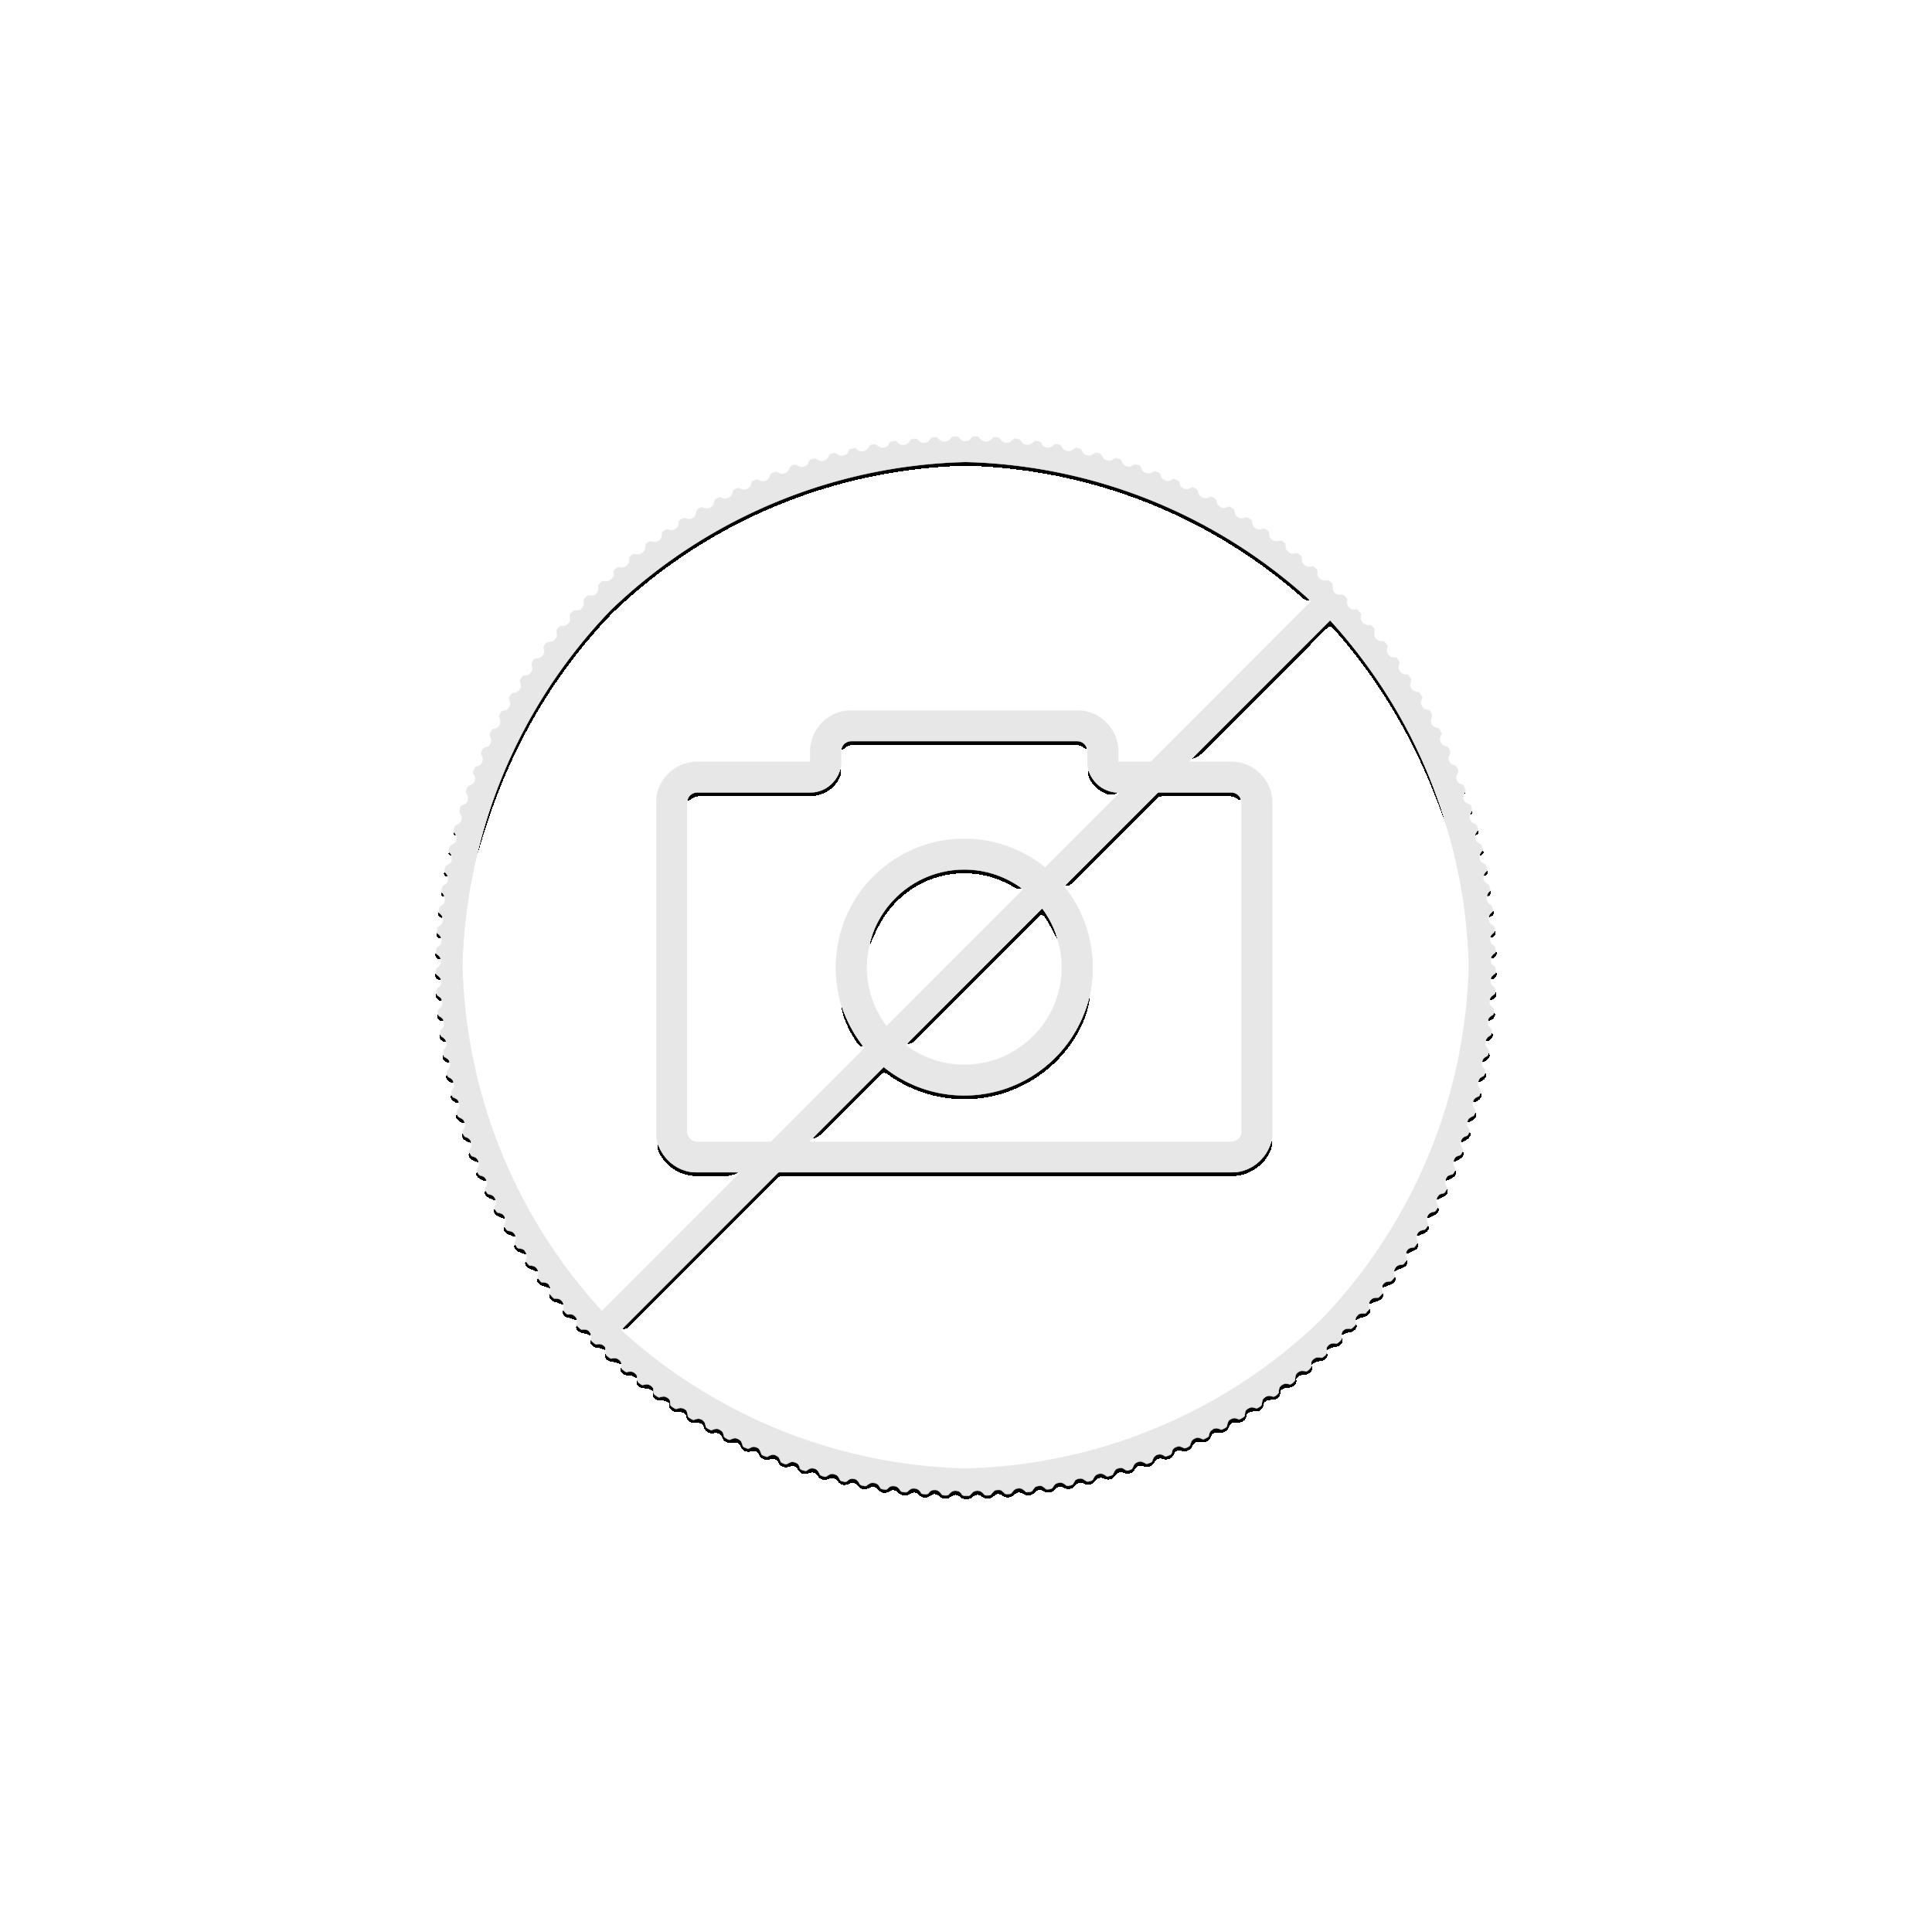 1 Troy ounce zilveren munt Maple Leaf 2019 ingeslagen blad